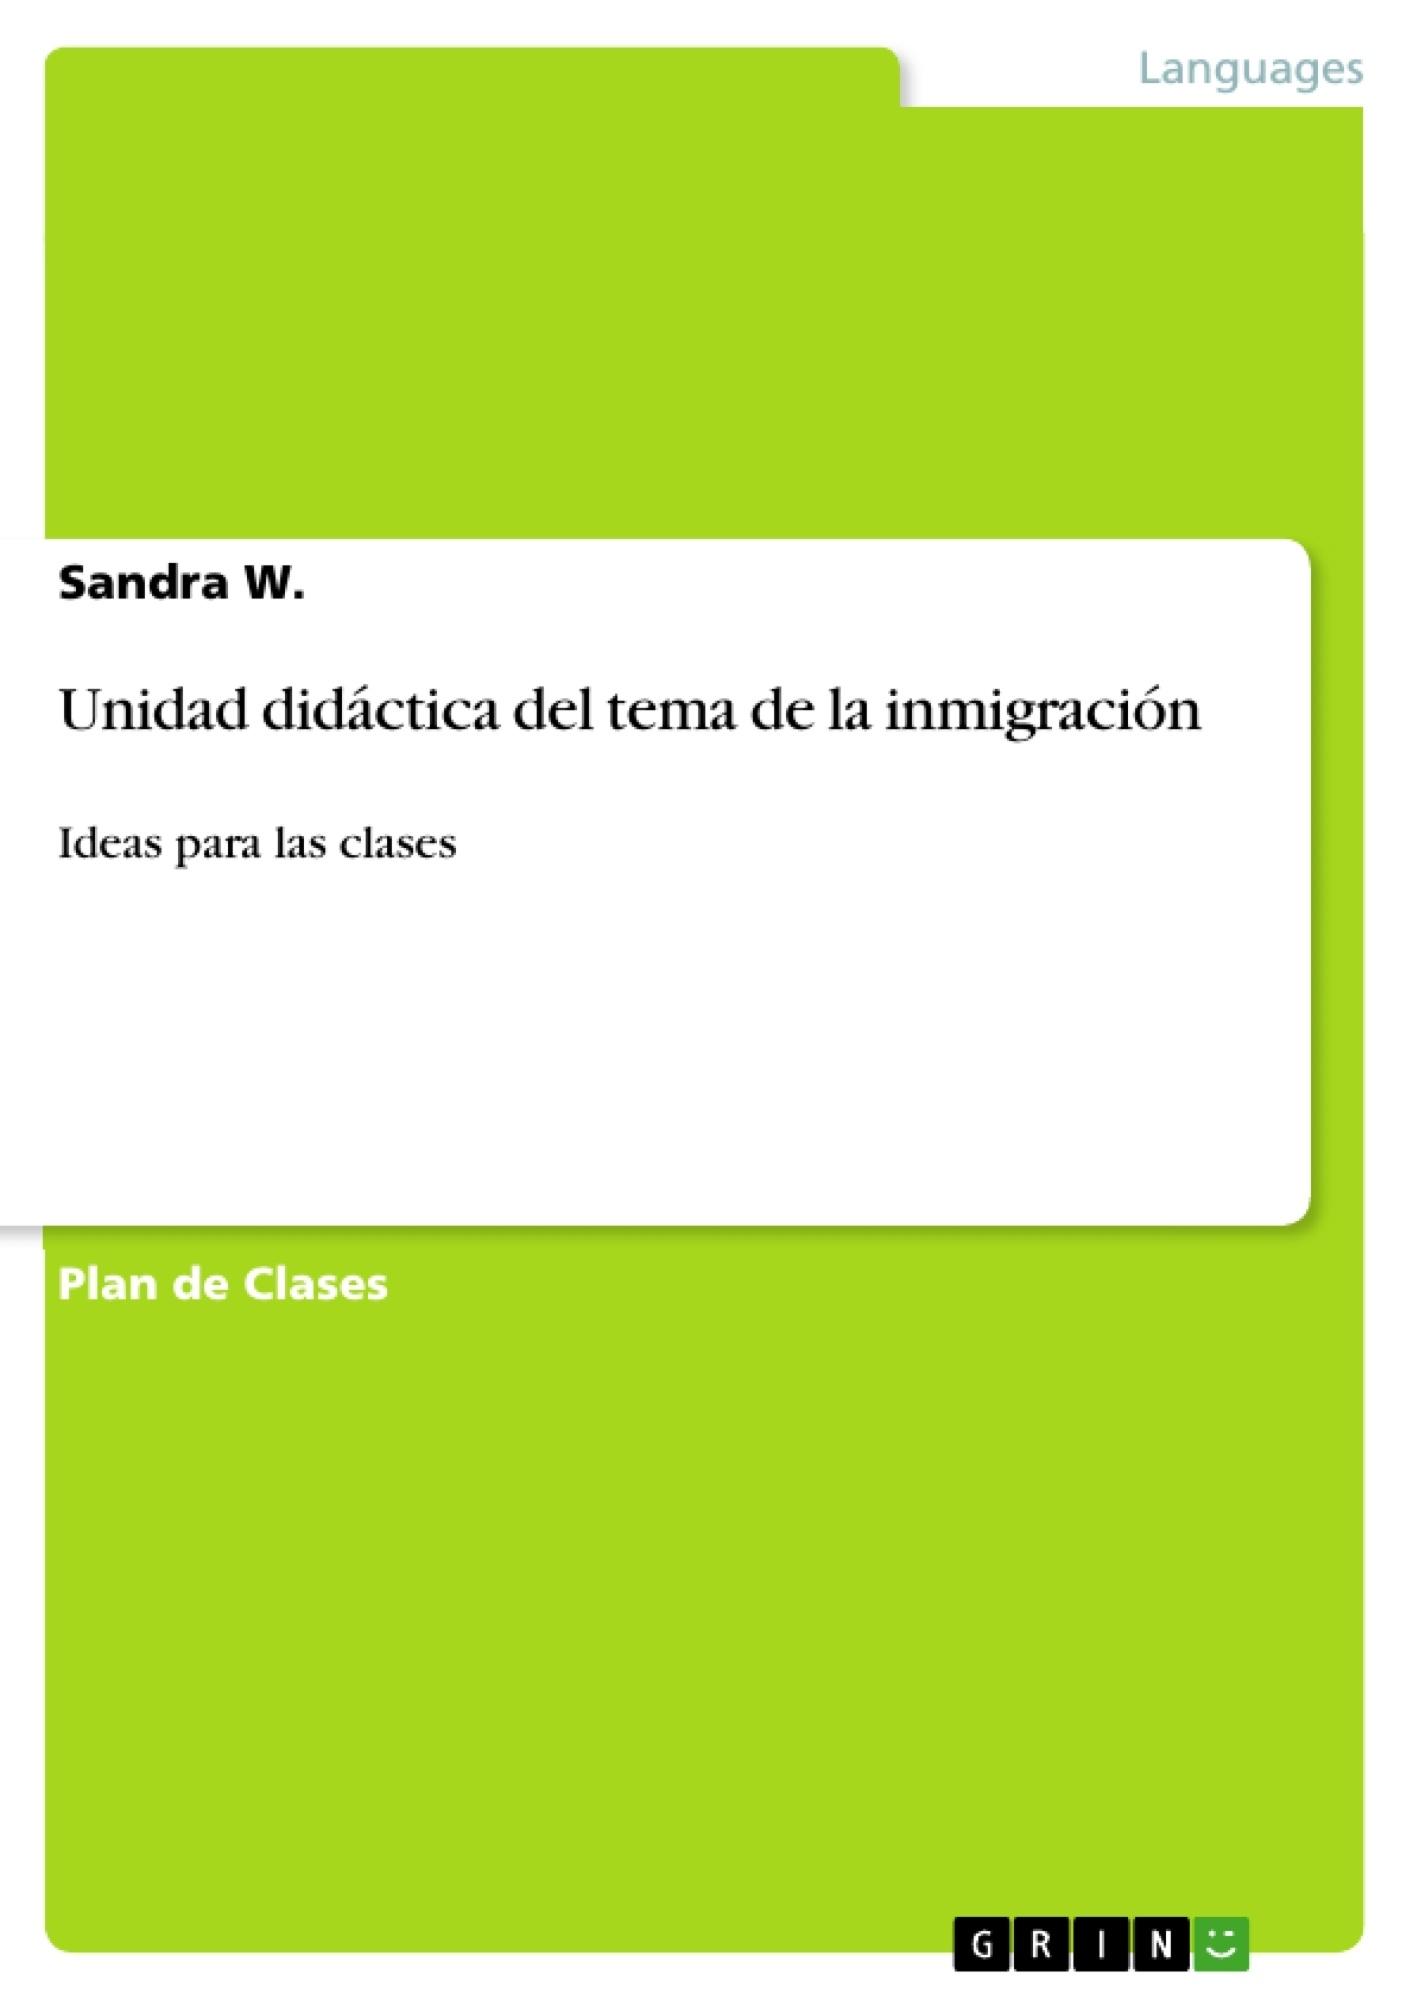 Título: Unidad didáctica del tema de la inmigración